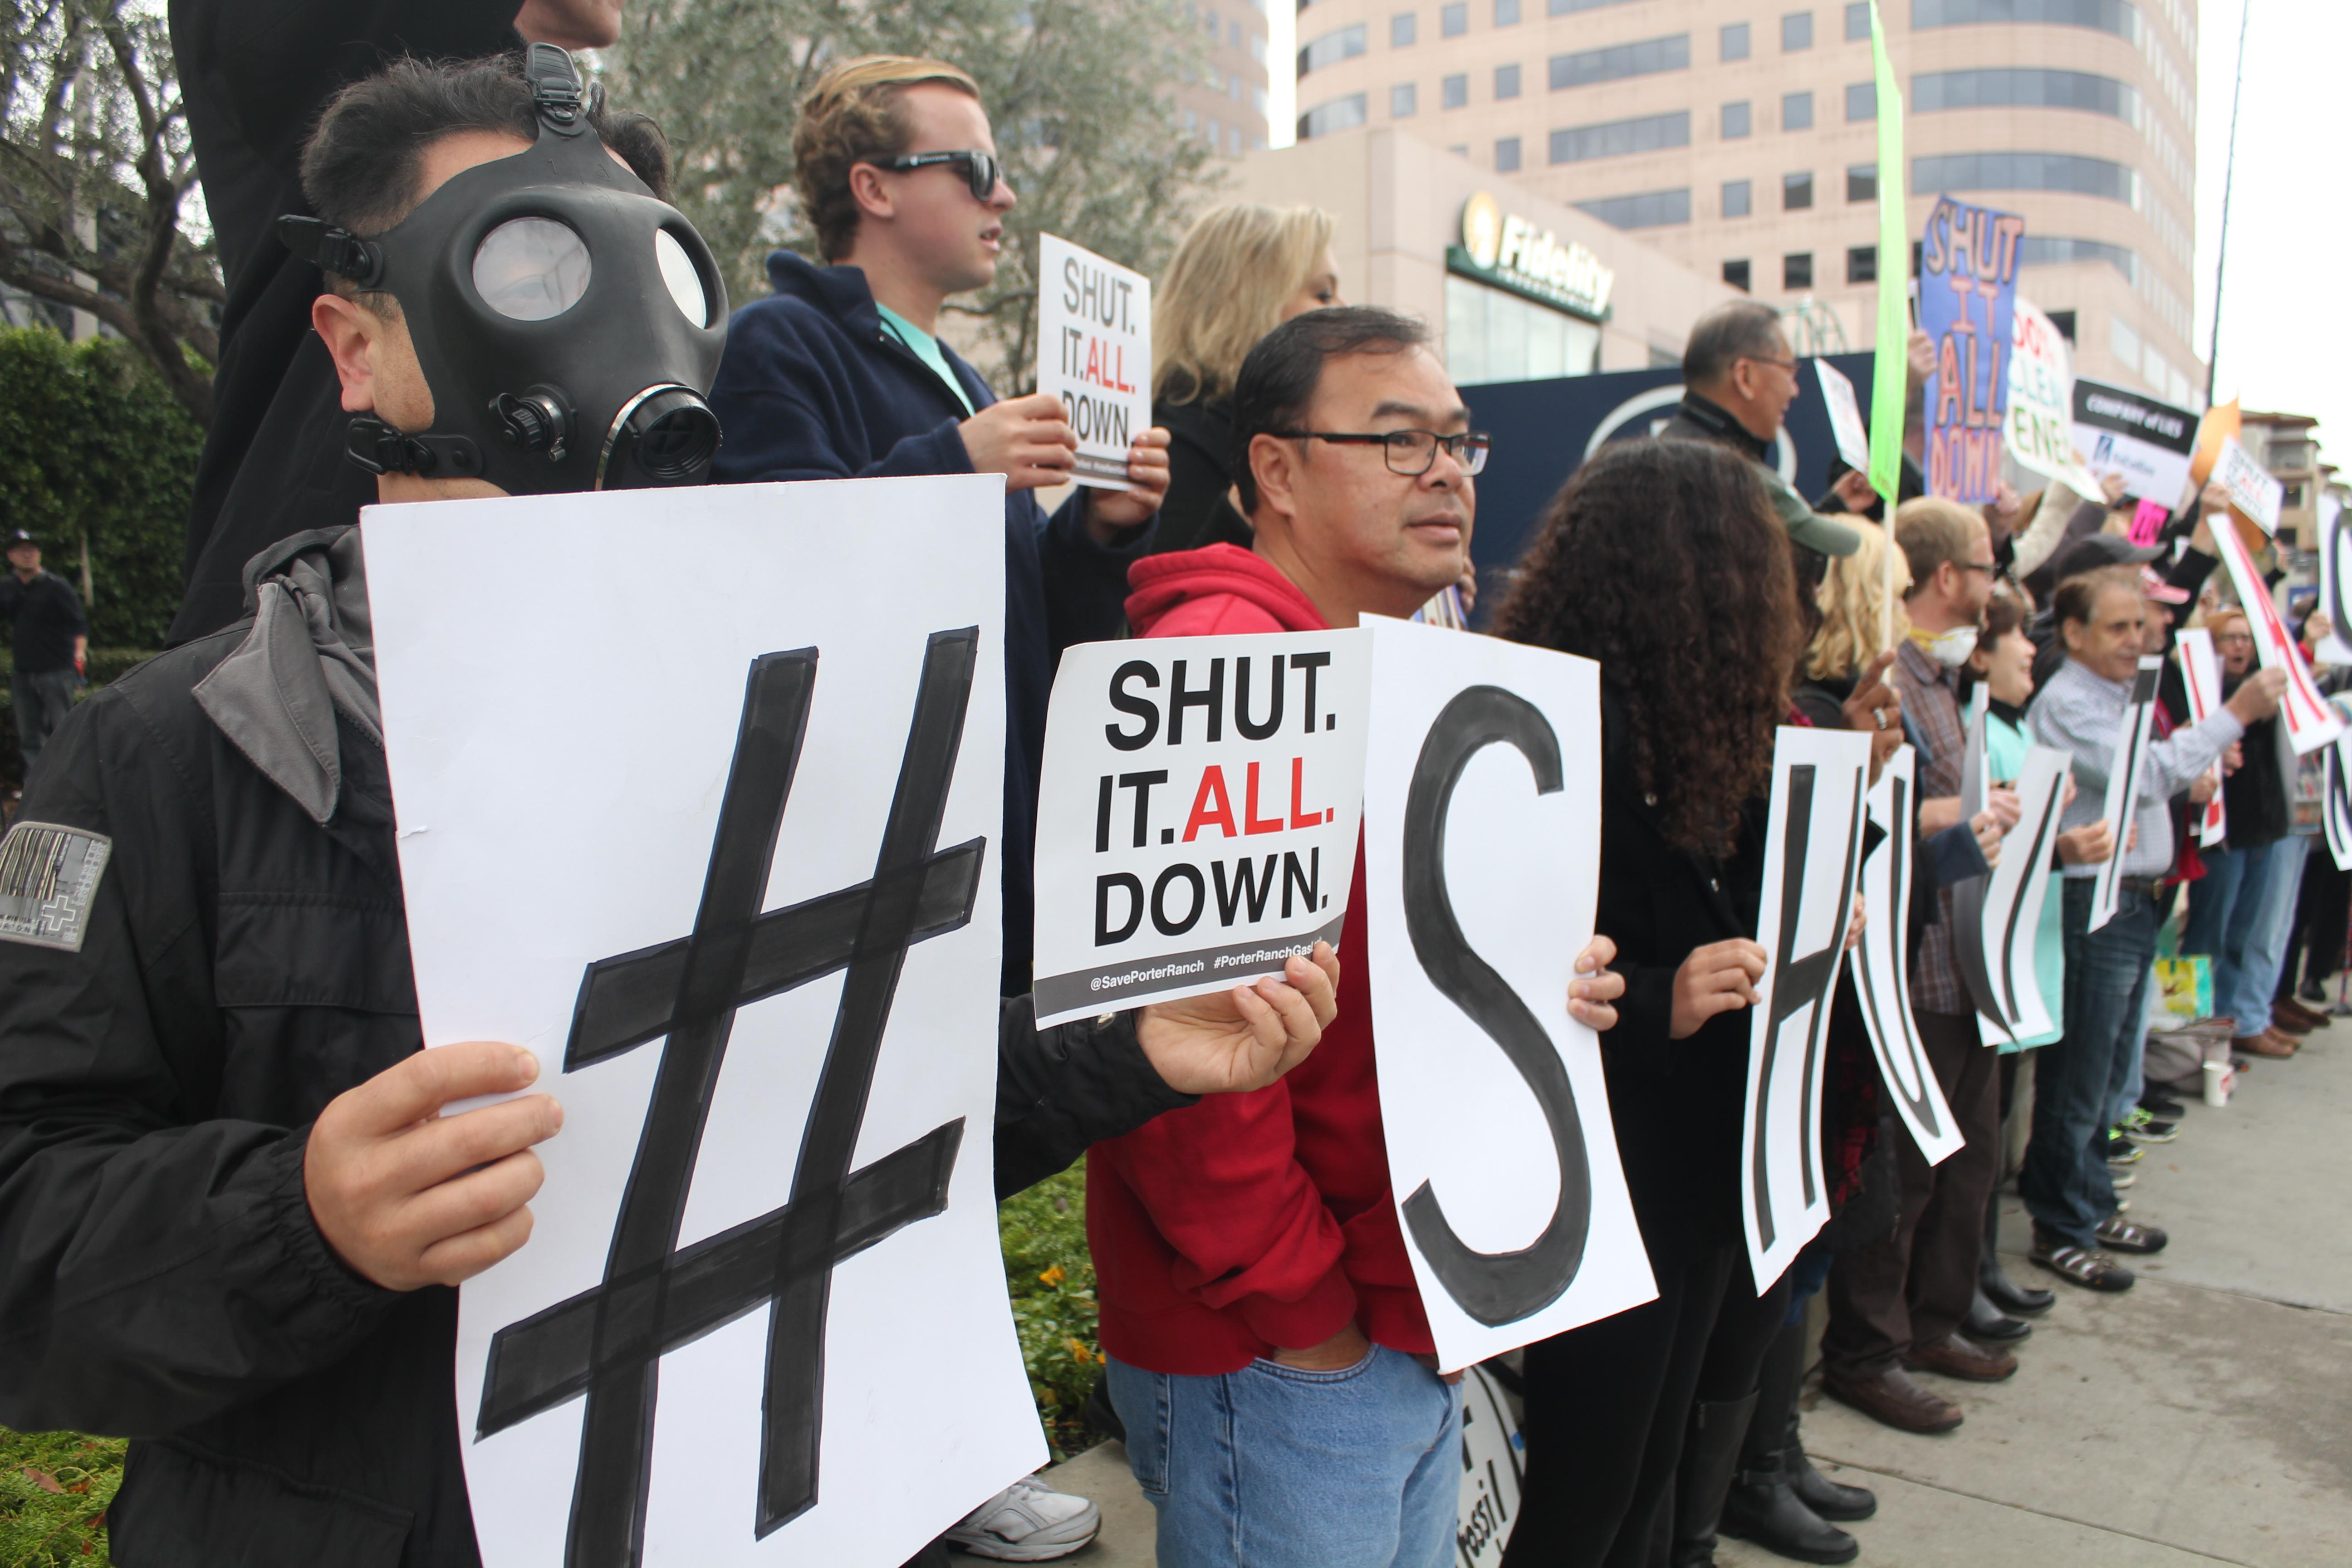 公聴会開始前にもガス貯蔵施設の閉鎖をもとめる住民たちが結集し、抗議集会が行われた(写真=吉田純子)